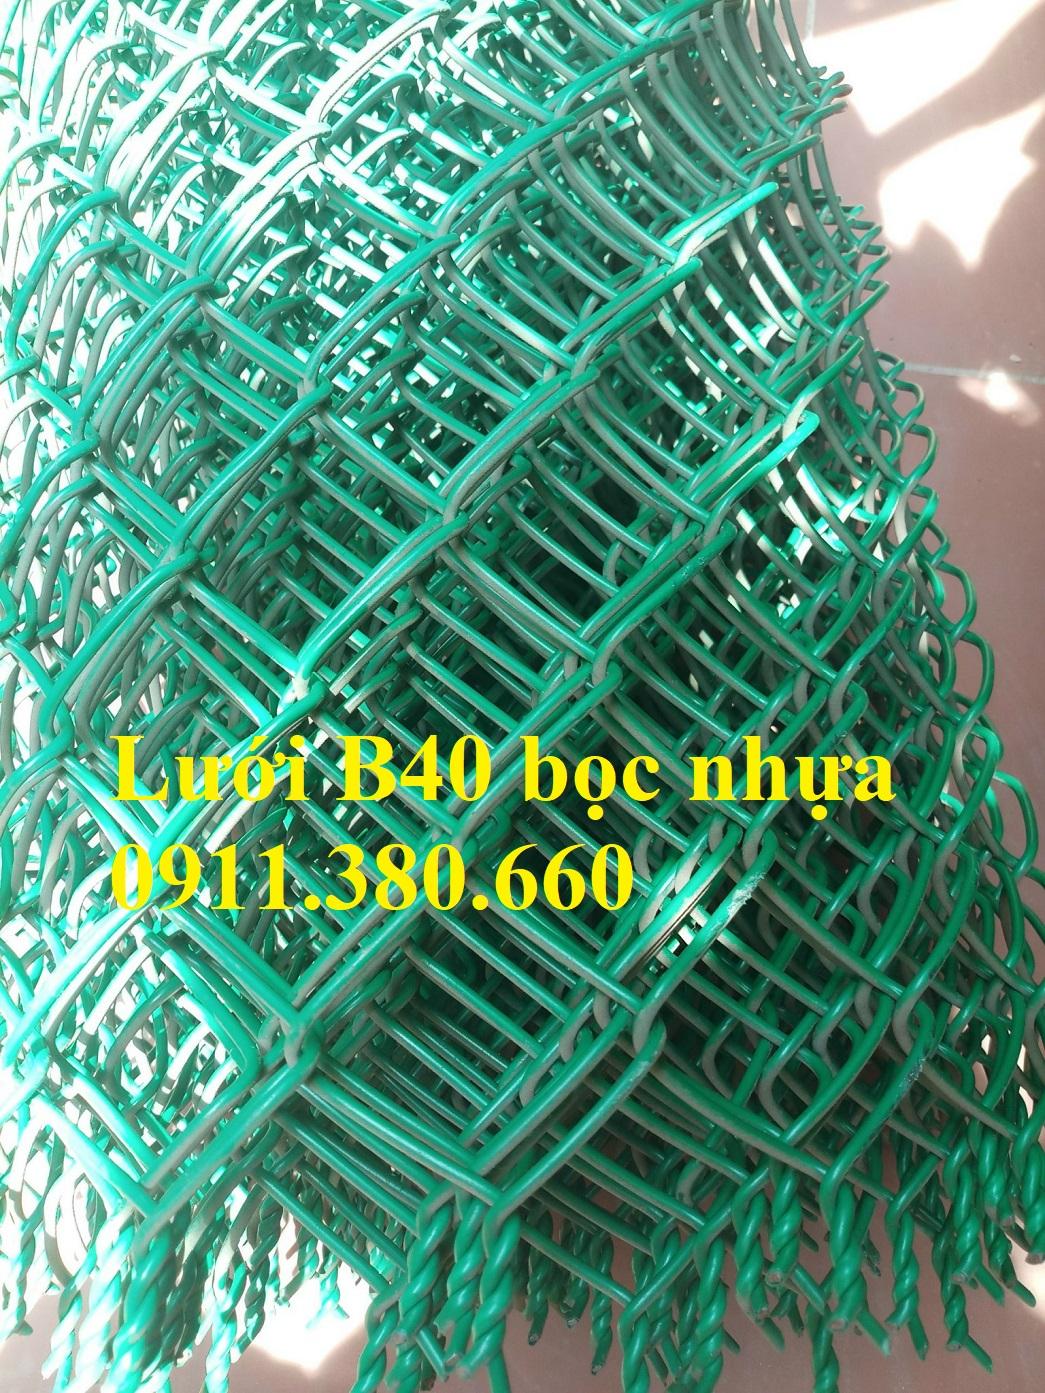 Lưới B40 bọc nhựa. Khổ 1mx15m/cuộn- NMH01